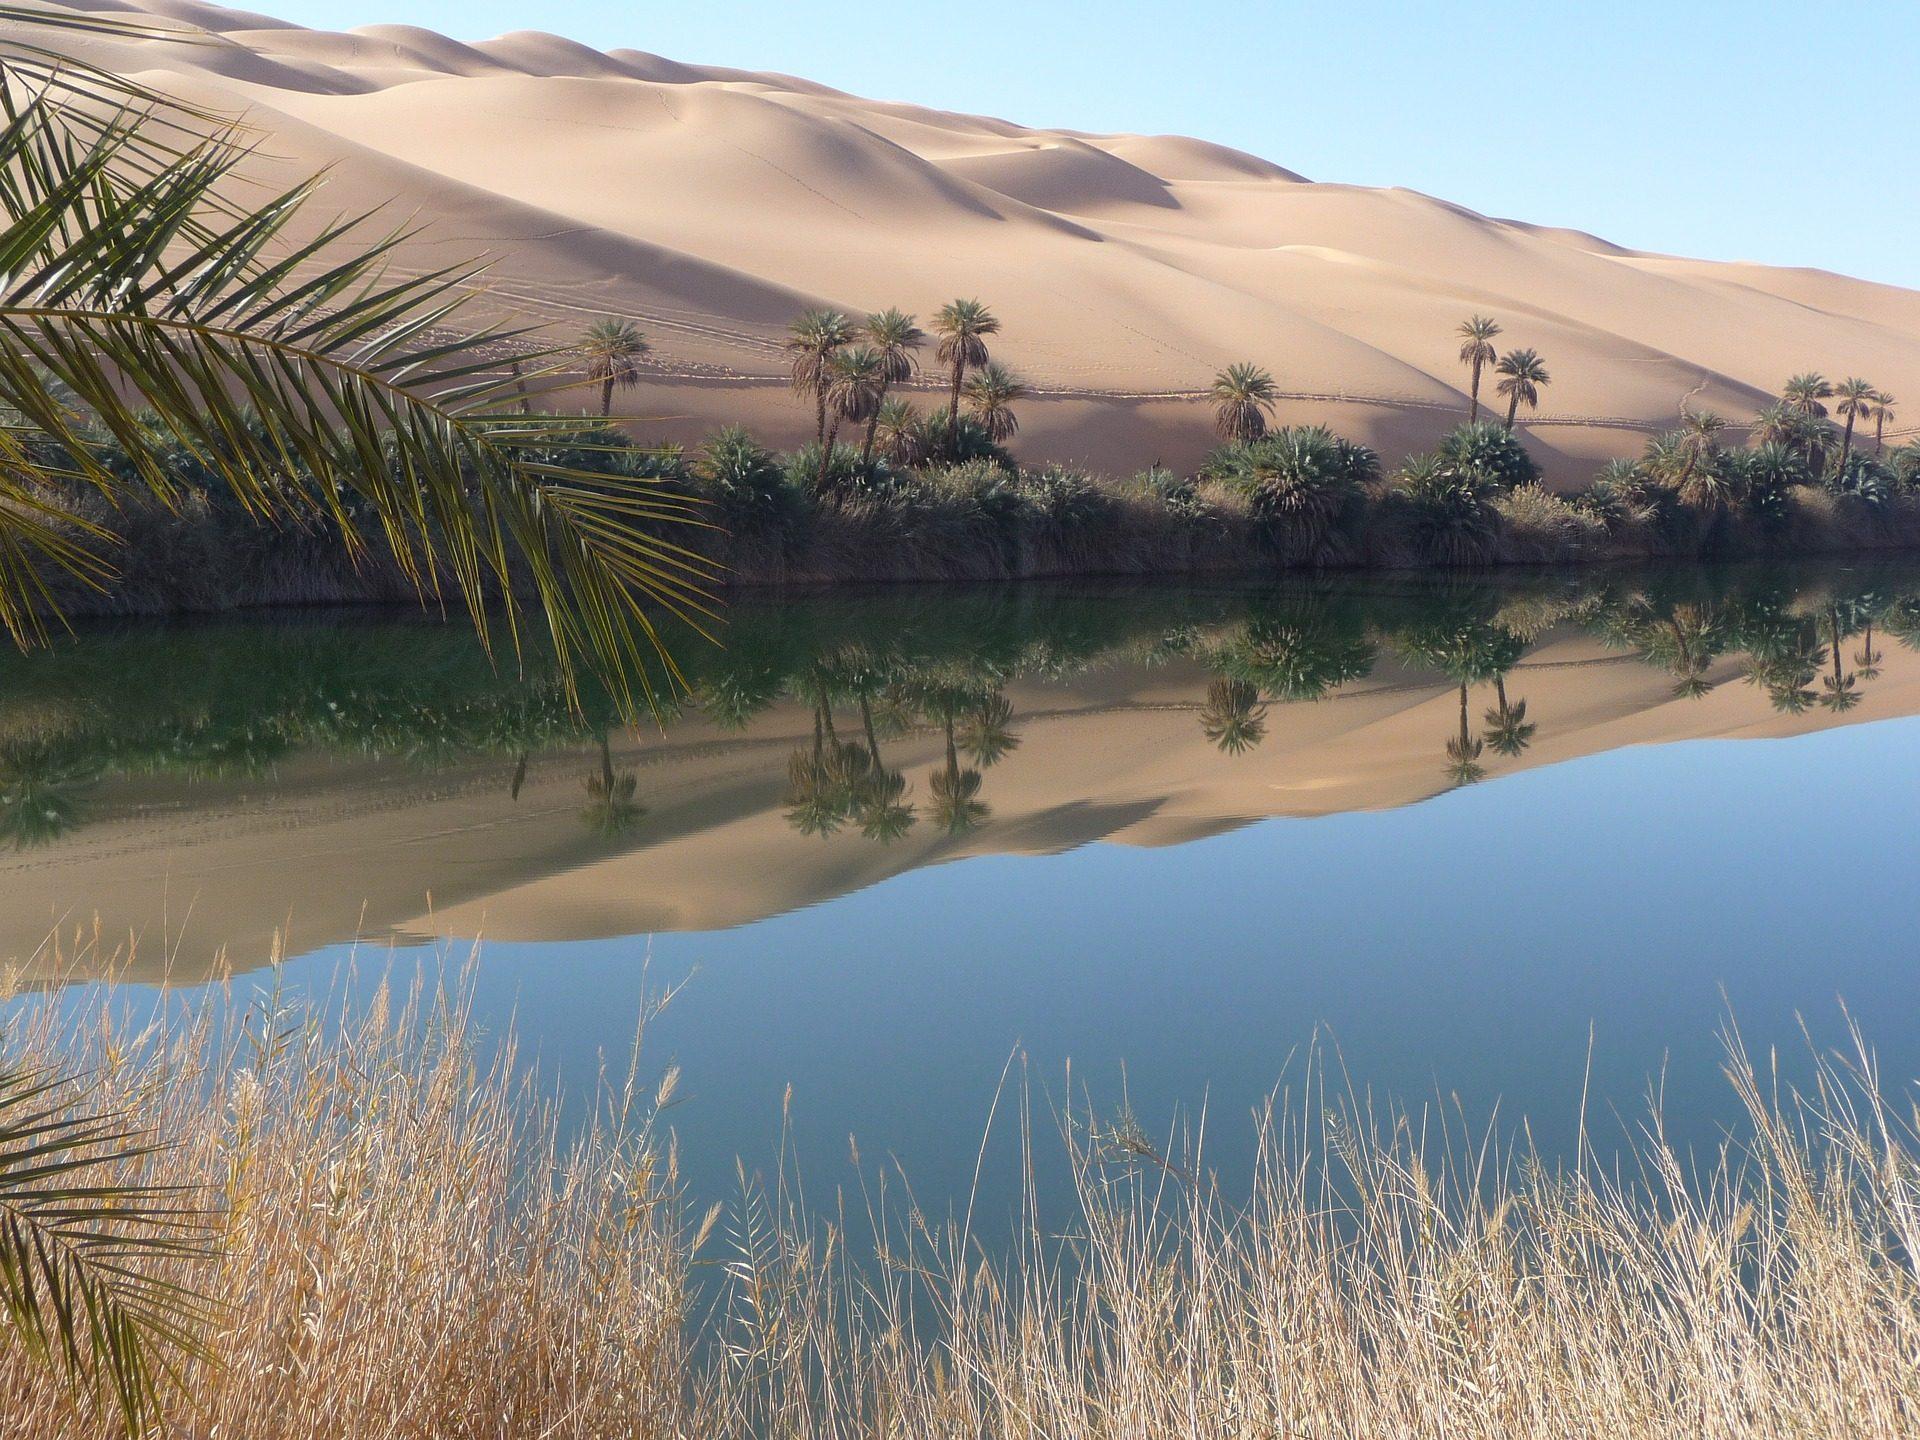 désert, OASIS, eau, Palmiers, sable - Fonds d'écran HD - Professor-falken.com